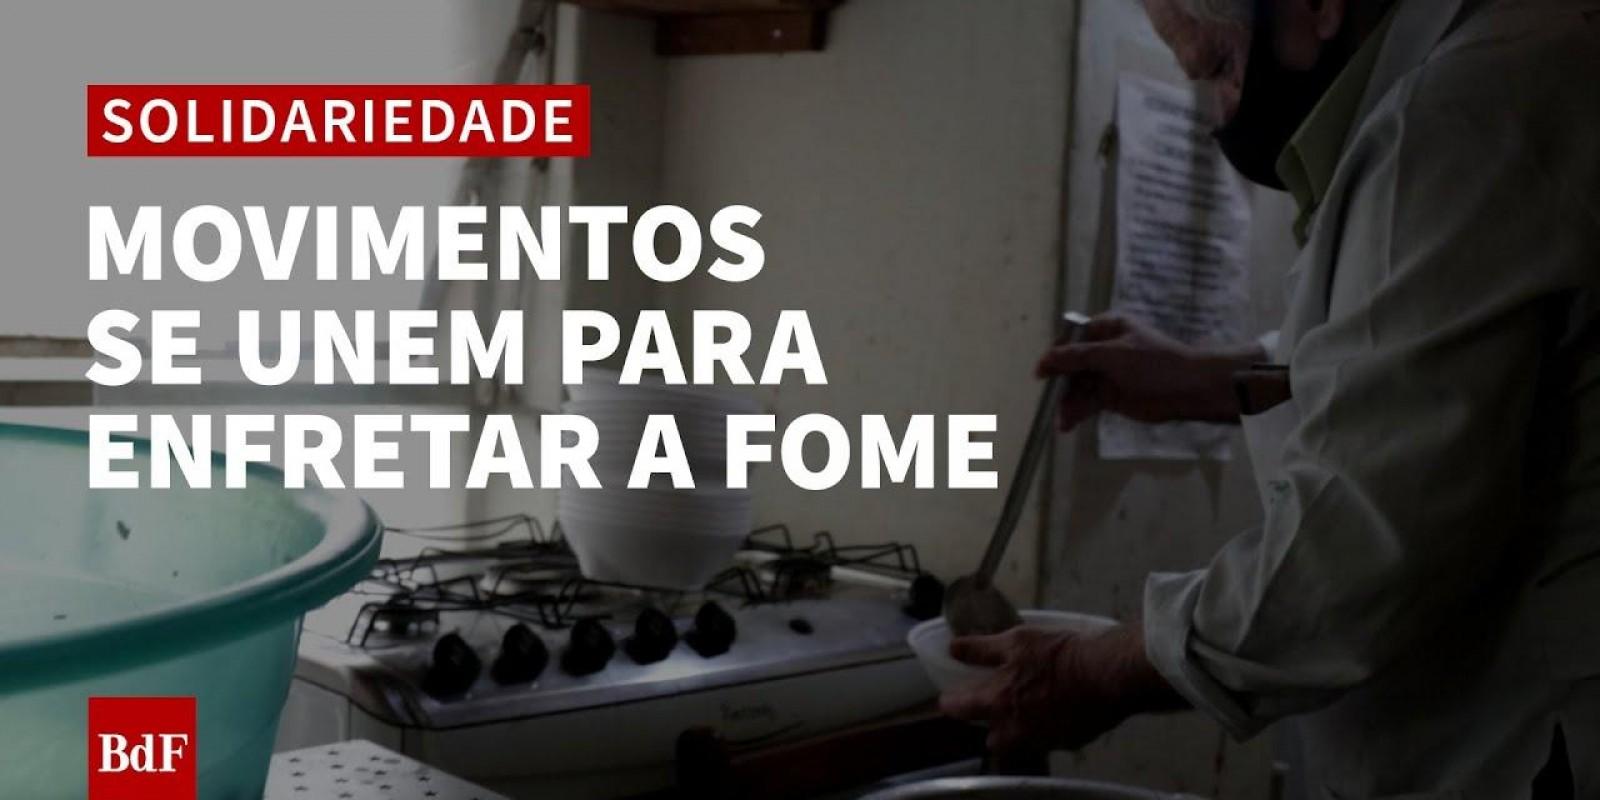 Movimento de população em situação de rua luta contra a fome em SP